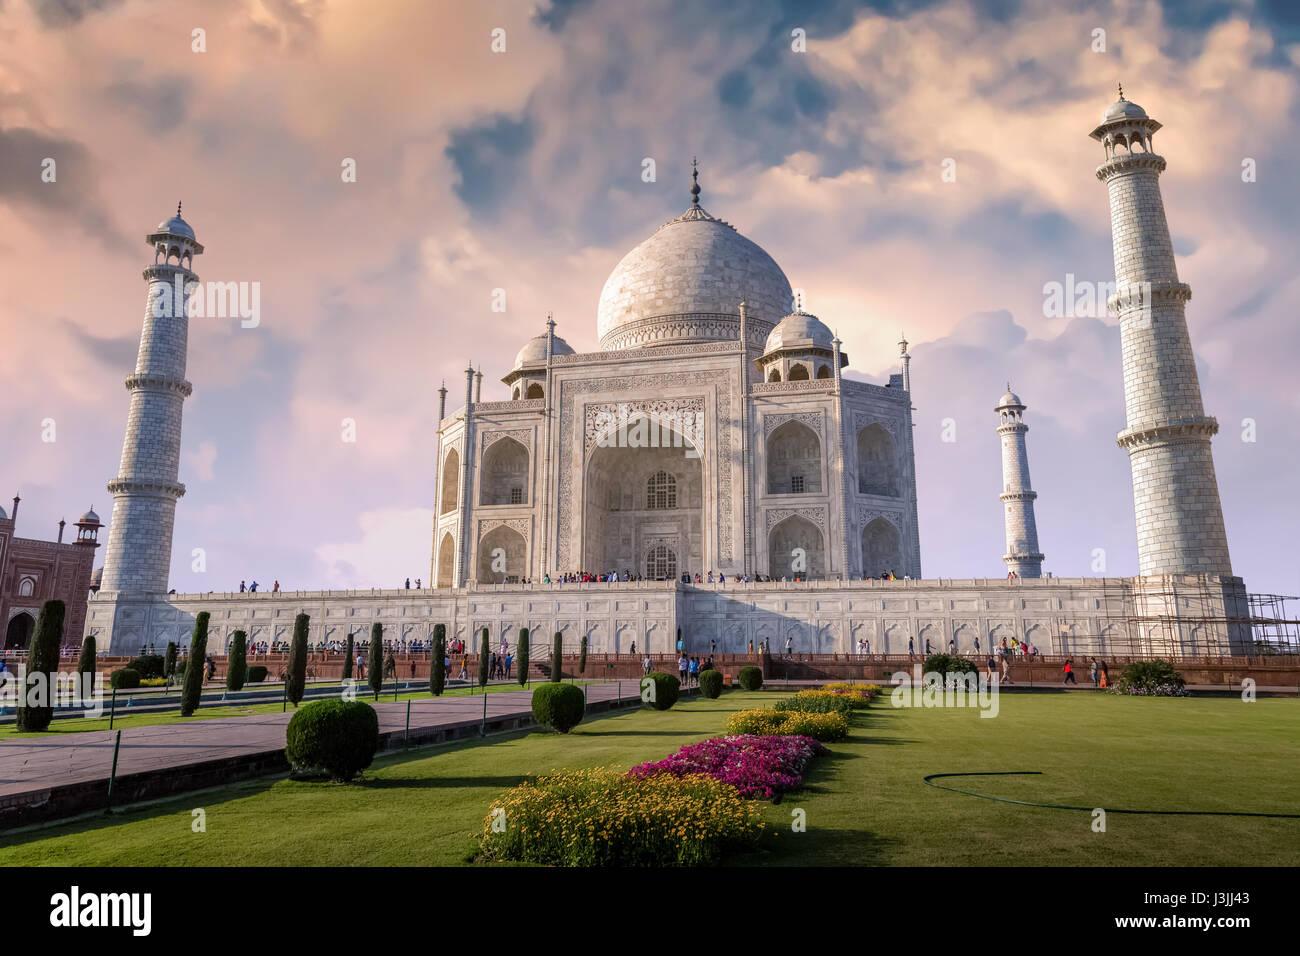 Taj Mahal in Agra Indien mit einem schönen stimmungsvollen Sonnenuntergang Himmel. Zum UNESCO-Weltkulturerbe Stockbild